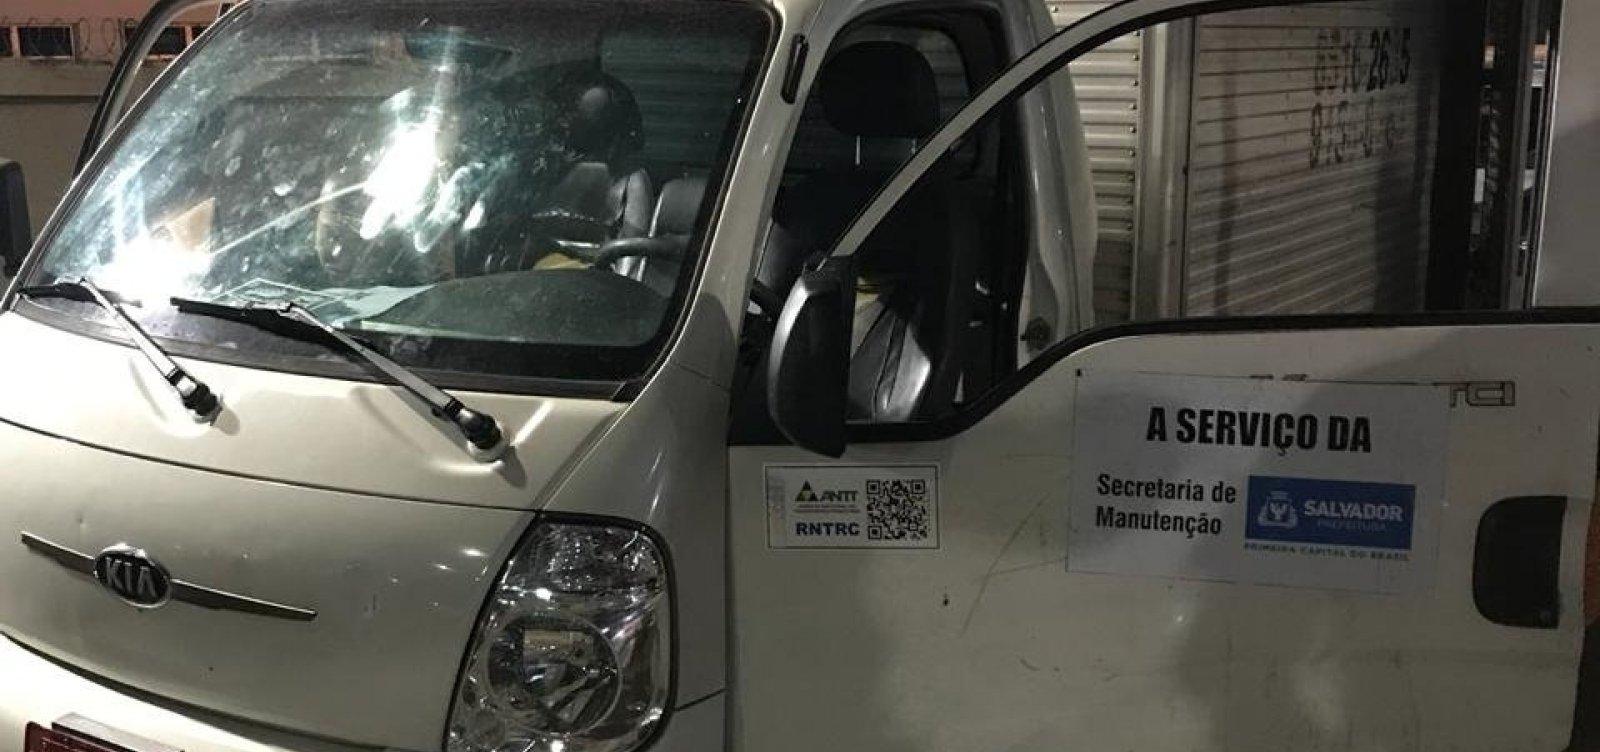 [Prefeitura nega que caminhão apreendido com maconha seja do município]